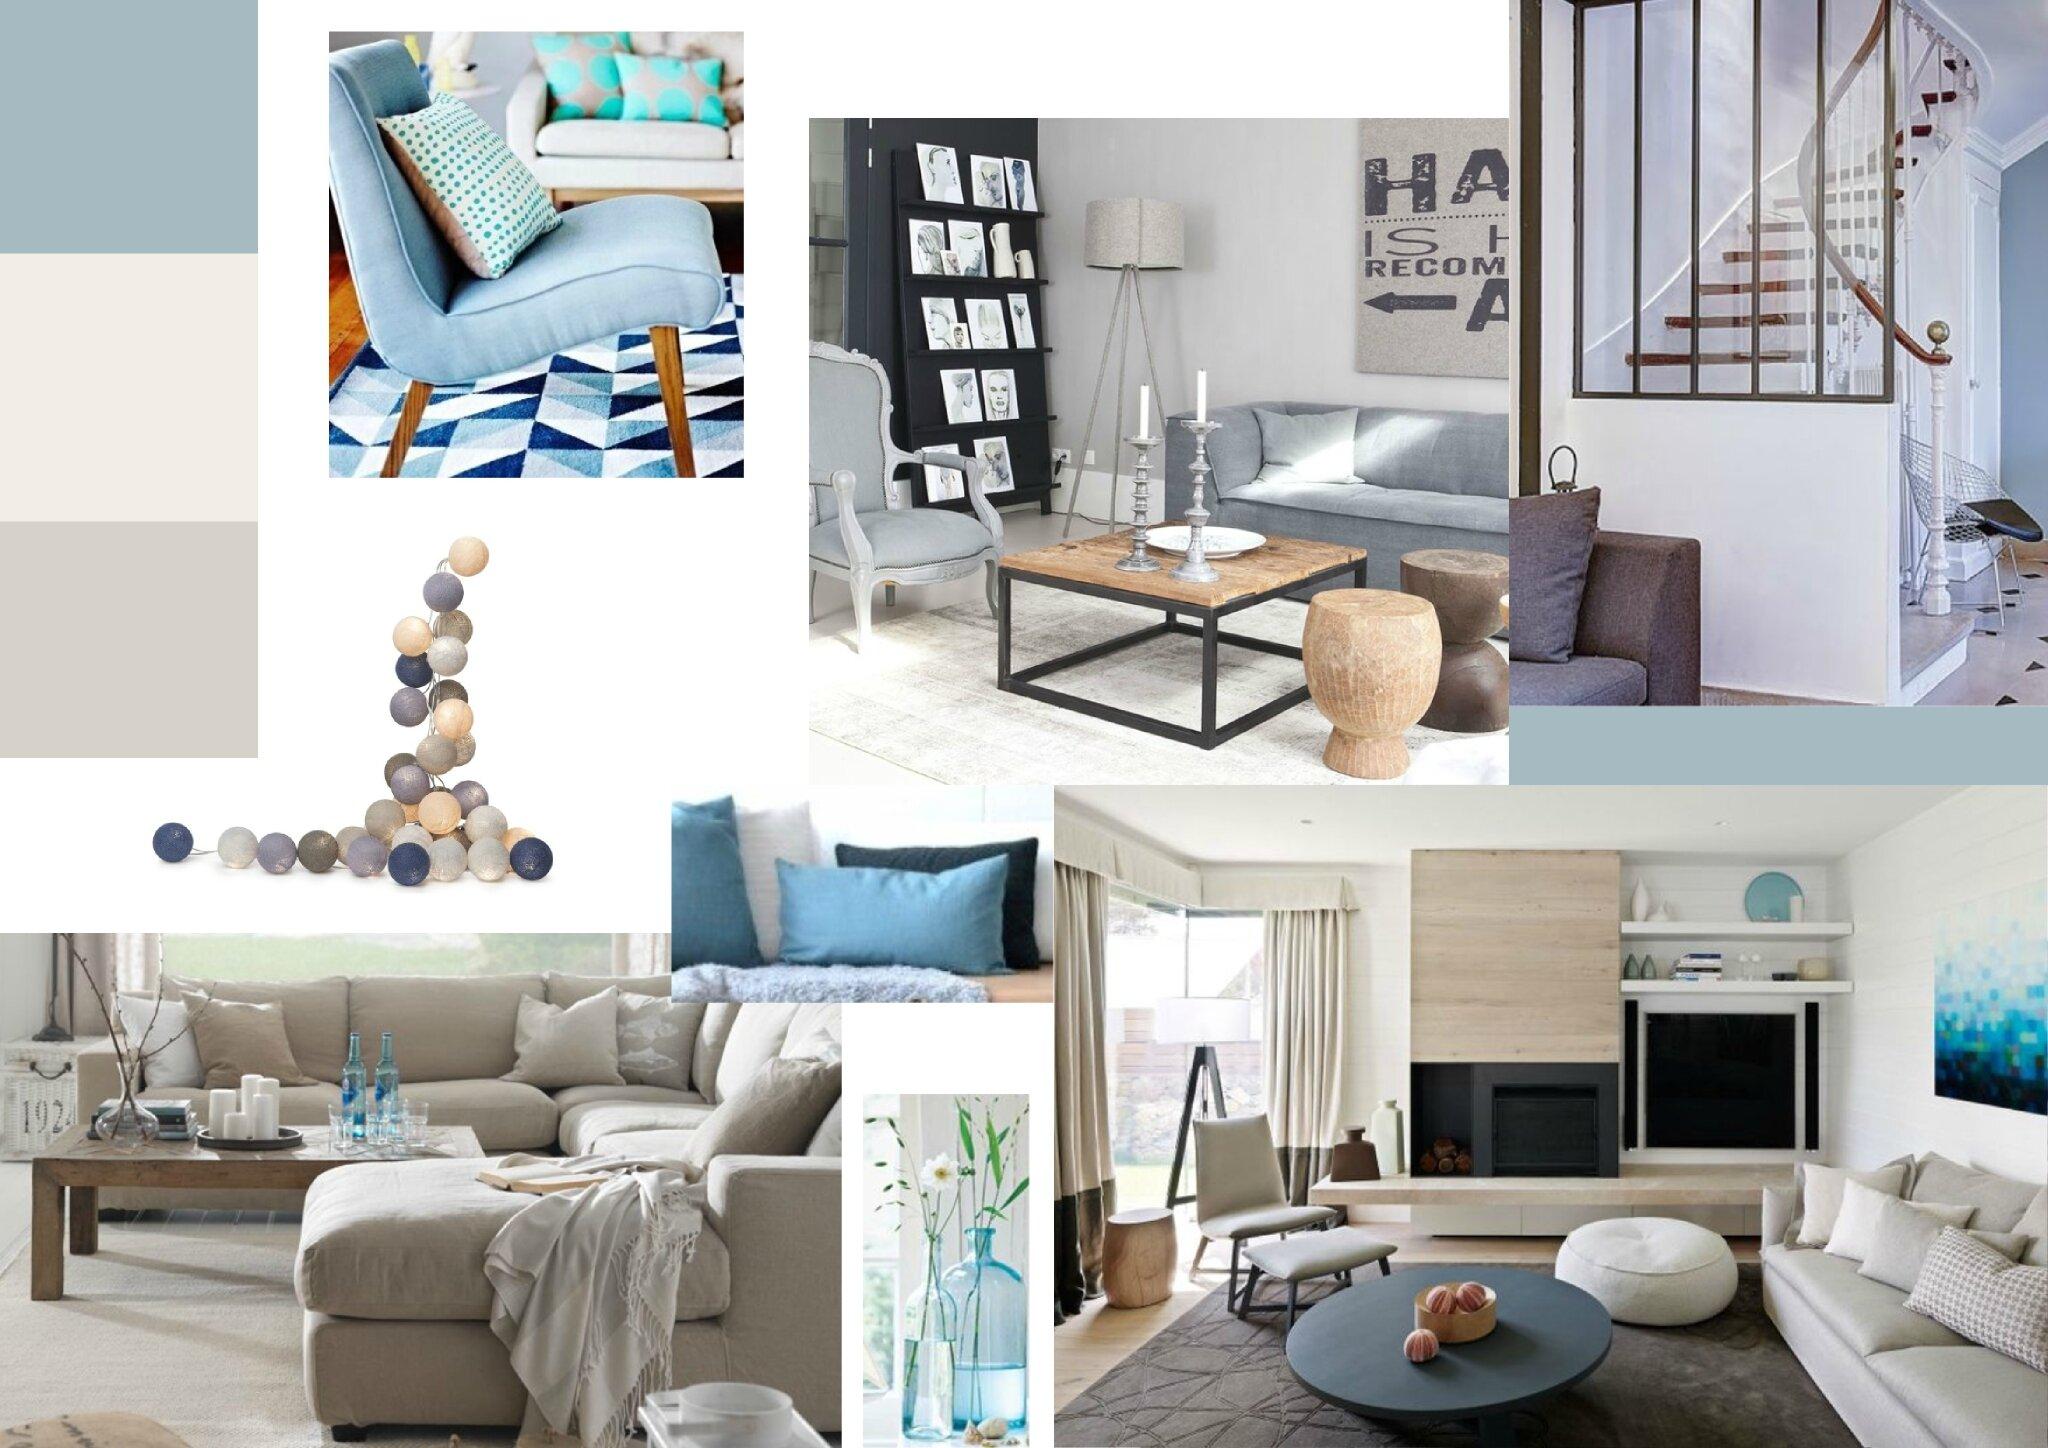 deco bleu gris dcoration de salon u ides avec des coussins tableaux rideaux et plus with deco. Black Bedroom Furniture Sets. Home Design Ideas